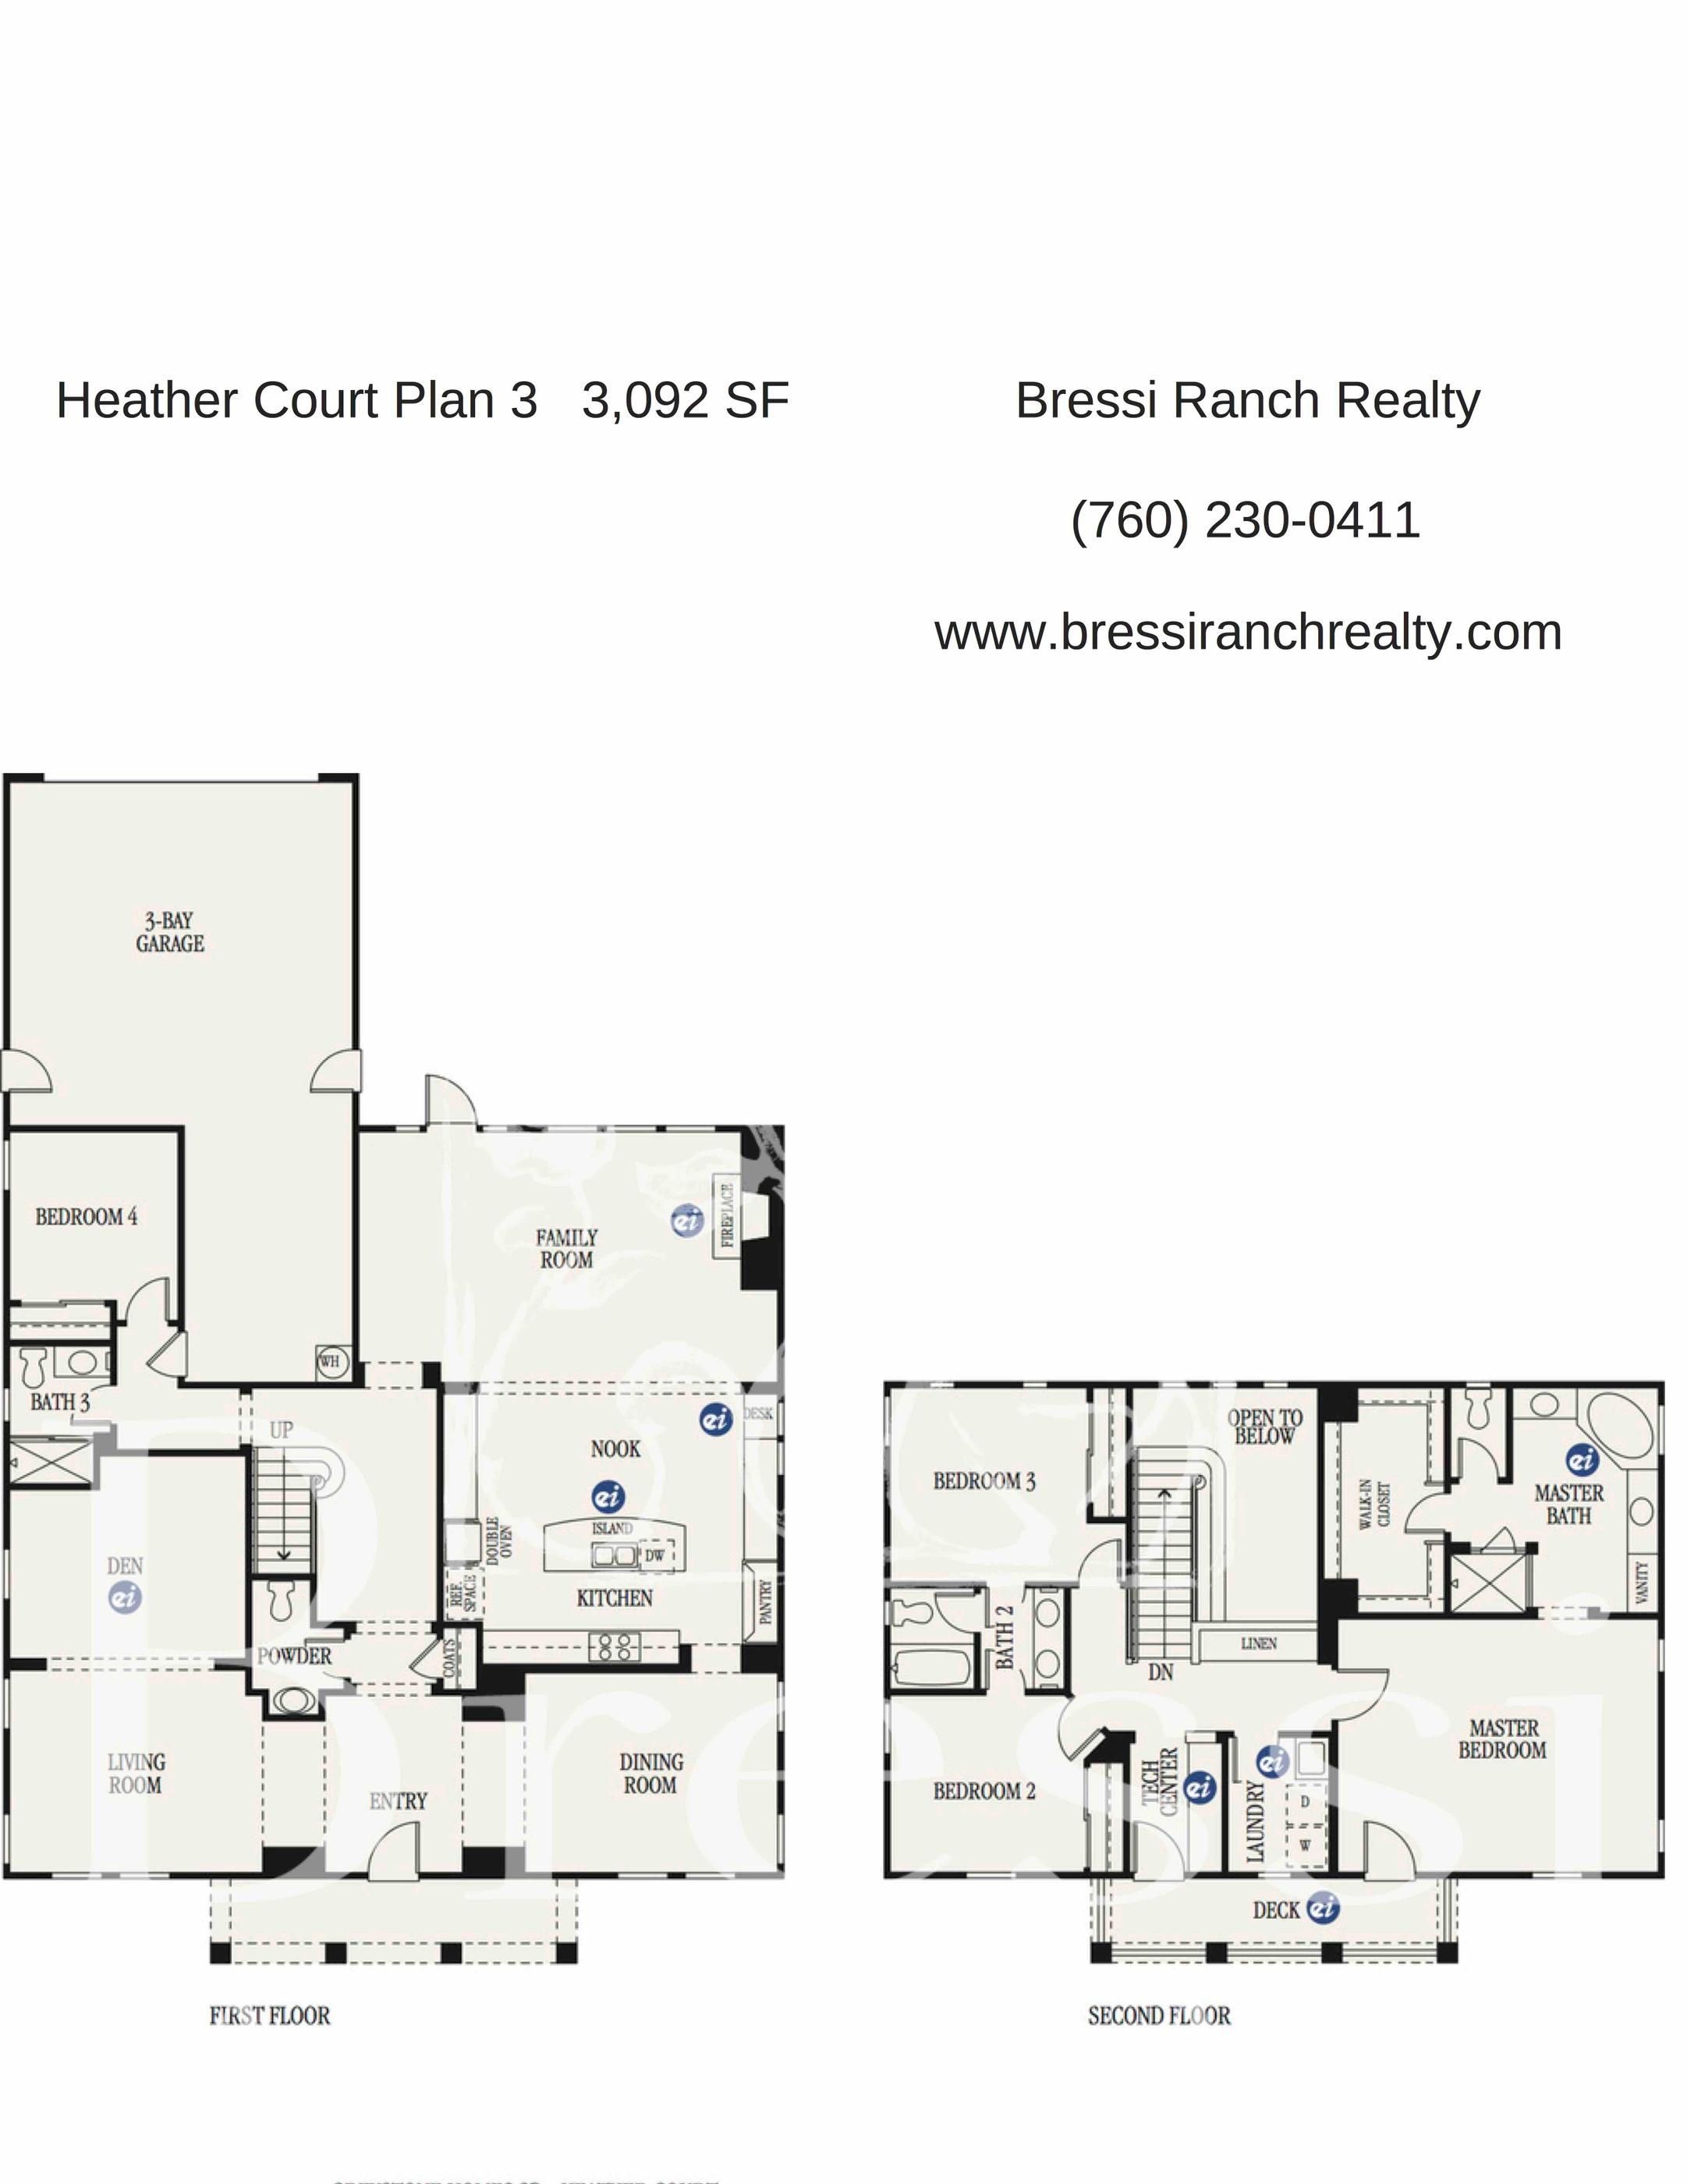 Heather Court Plan 3 Bressi Ranch